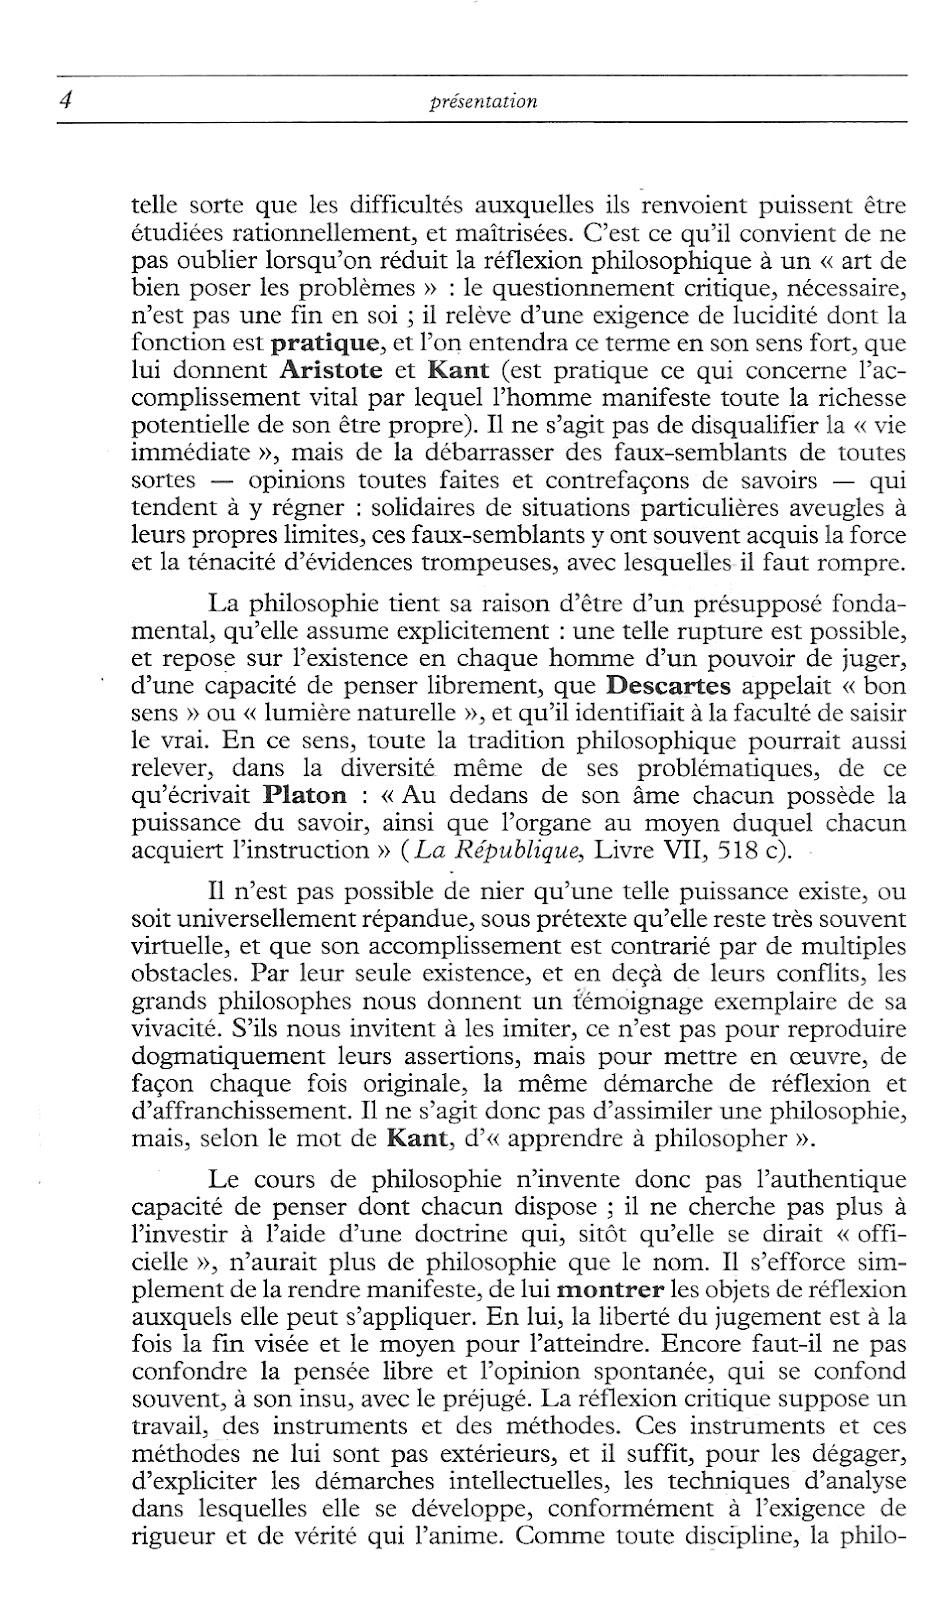 dissertation de la philosophie Méthode de la dissertation en philosophie terminales l/es/s p serange / j-j marimbert ± 2009 les dissertations représentent deux des trois sujets proposés au choix le jour du baccalauréat, soit la.